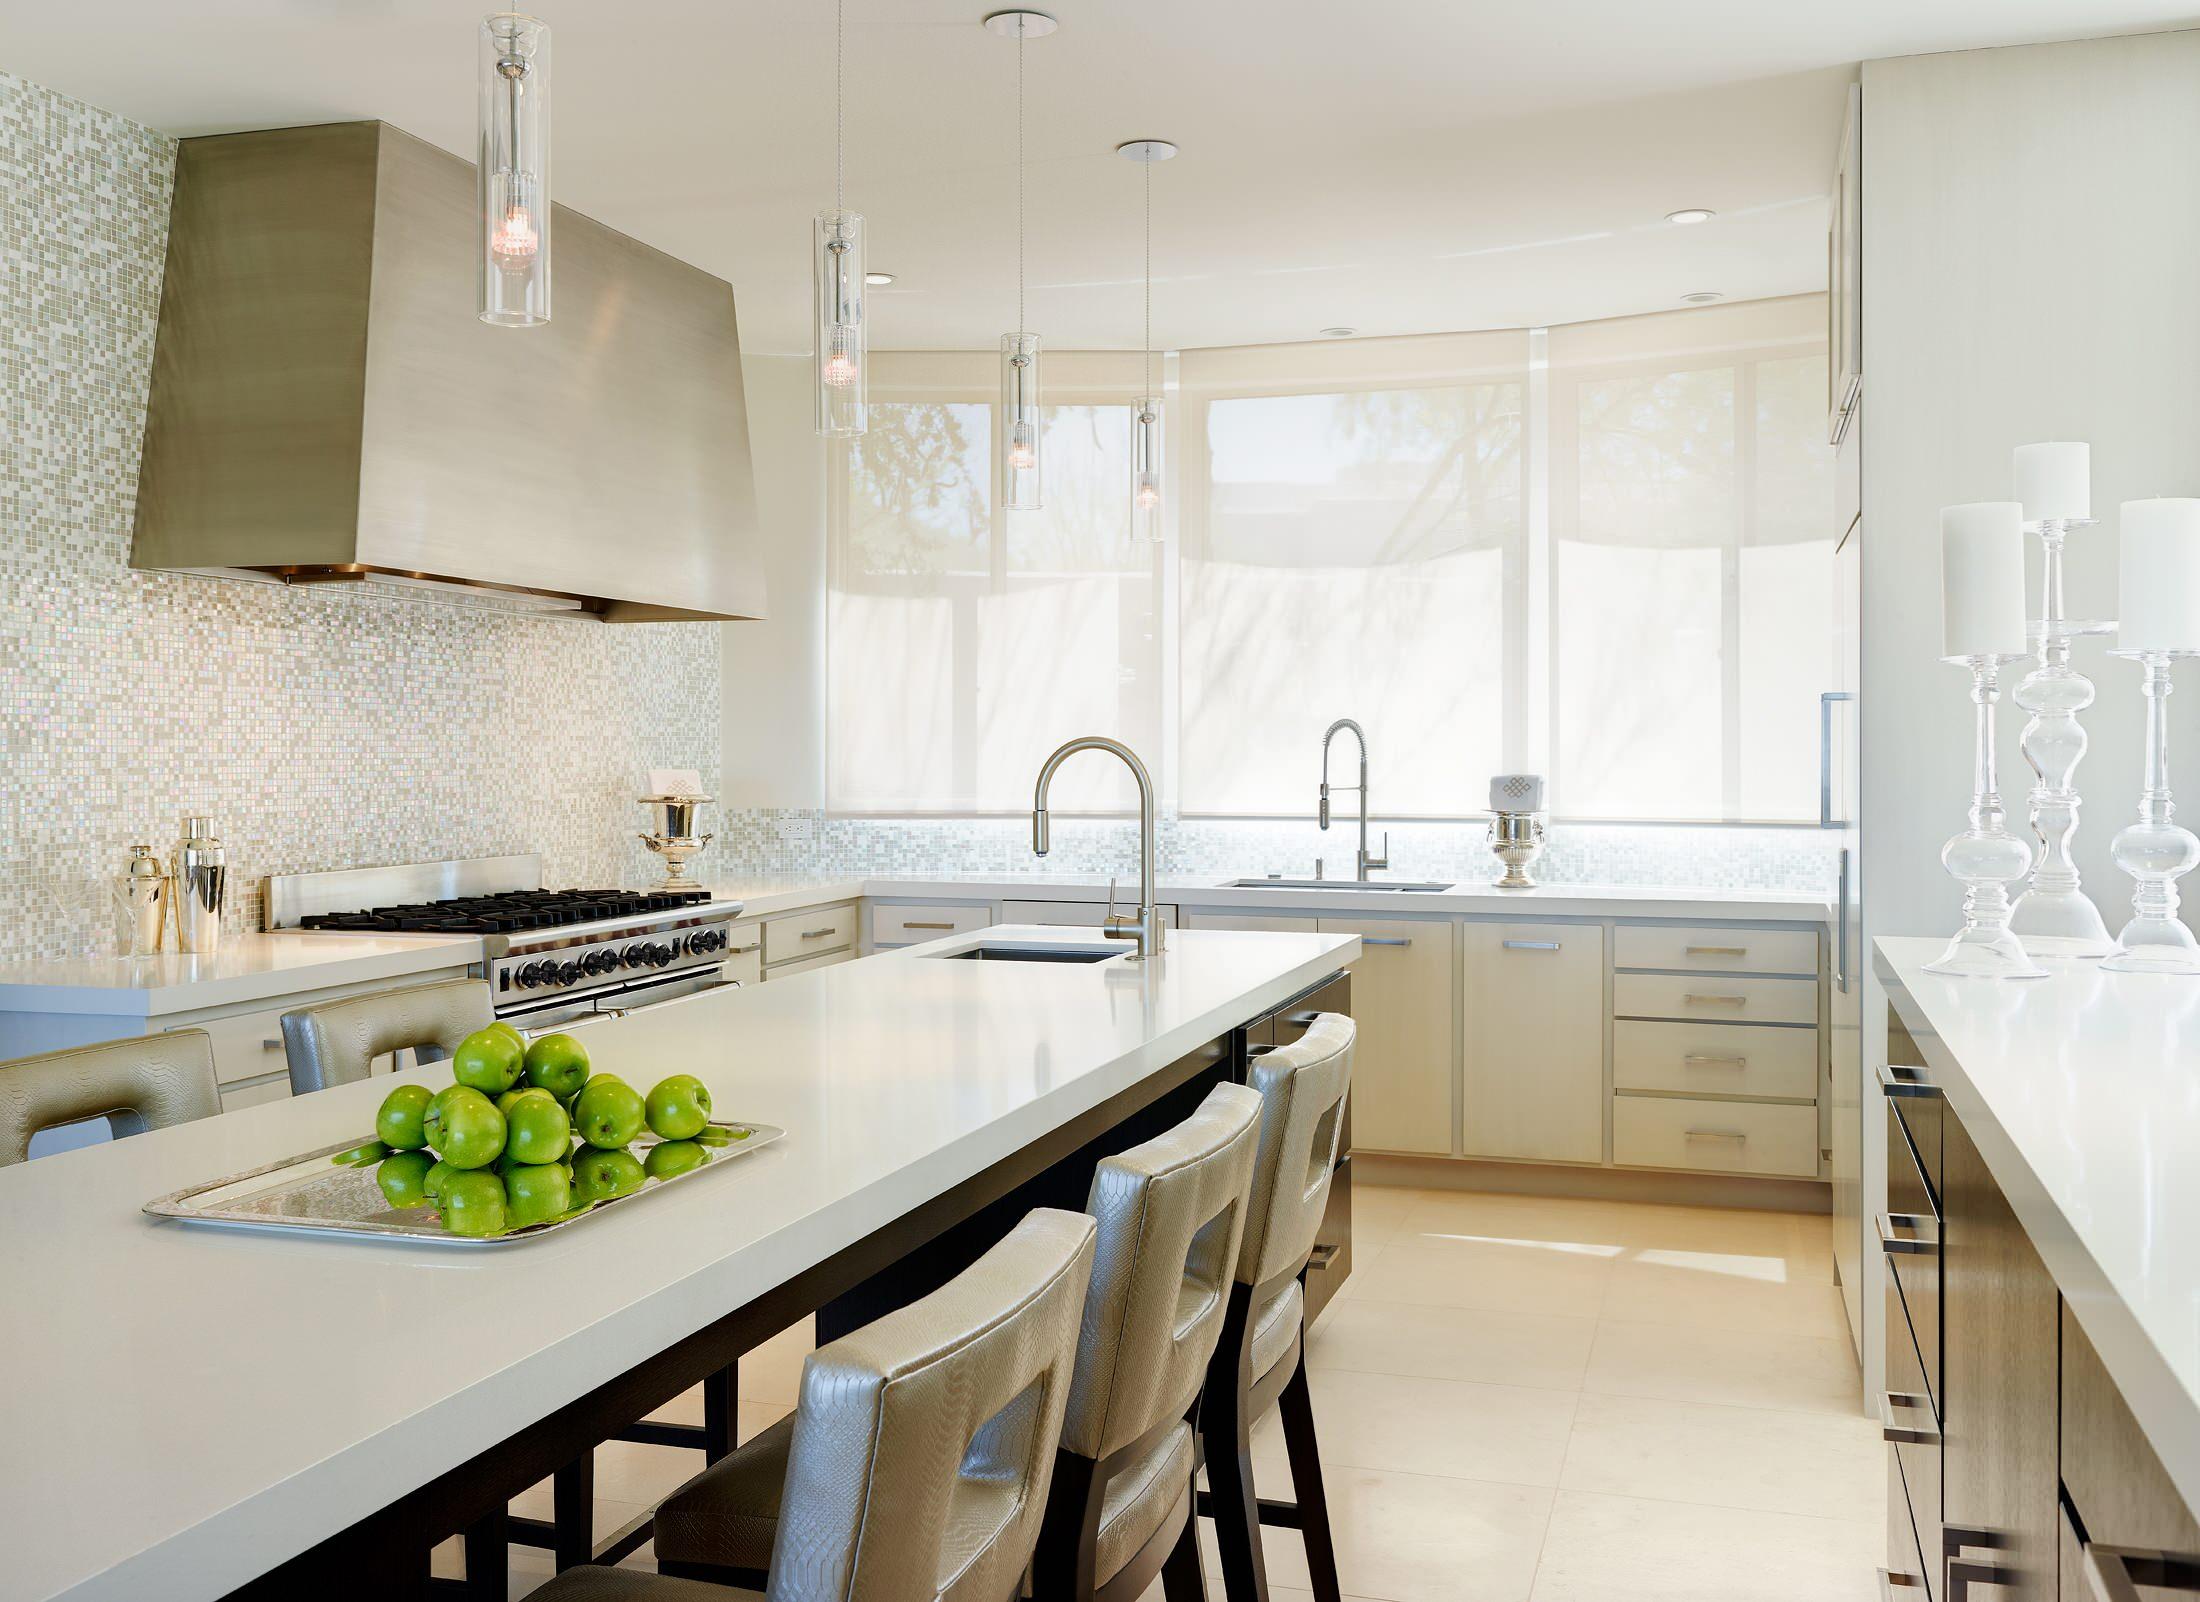 厨房整体厨柜品牌有哪些 整体橱柜怎么选择